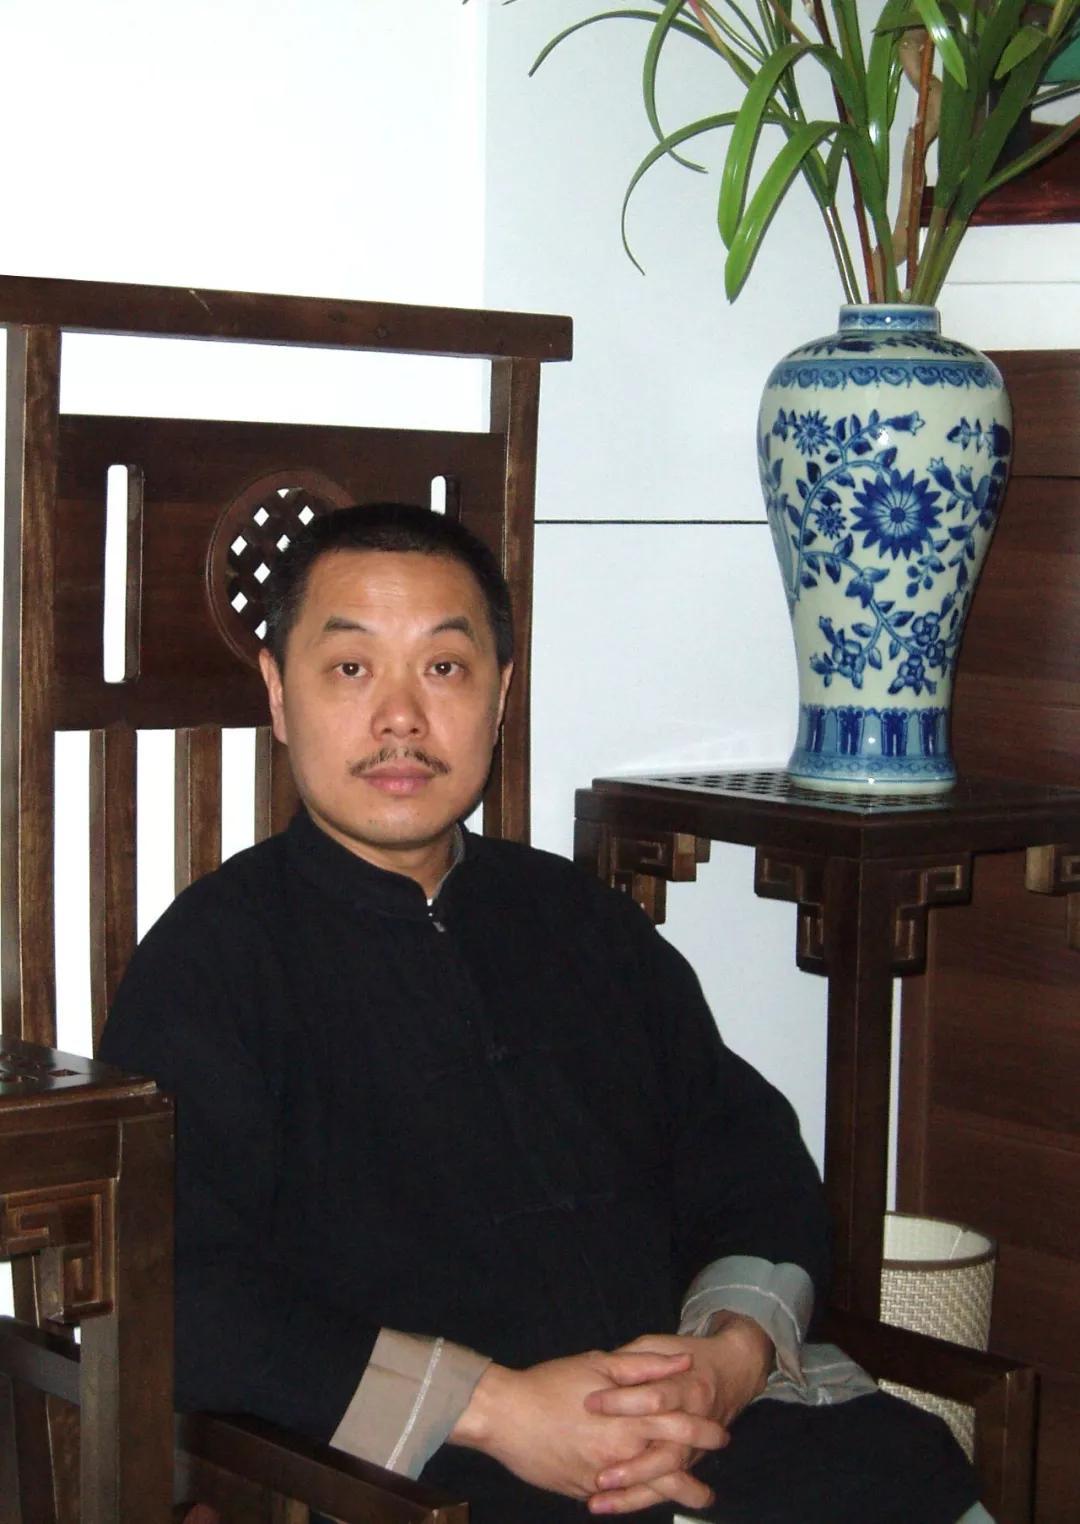 【砚边谈艺】一花一世界——读陈湘波的工笔画